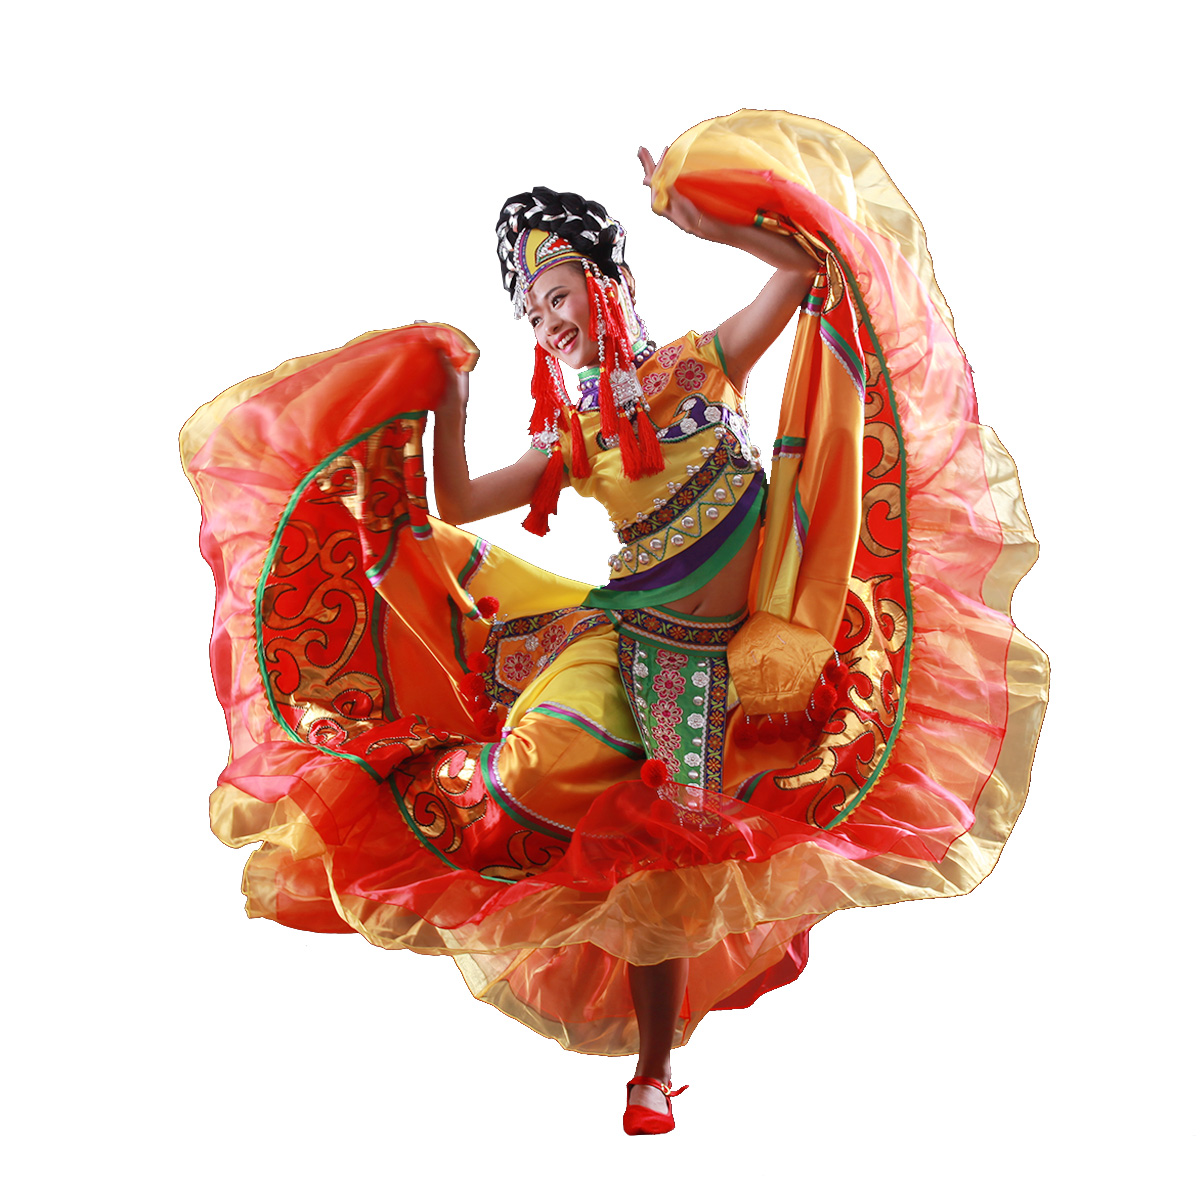 桔色彝族走秀舞大摆裙出租|服装舞台服装|开场服|民族舞蹈女|包邮